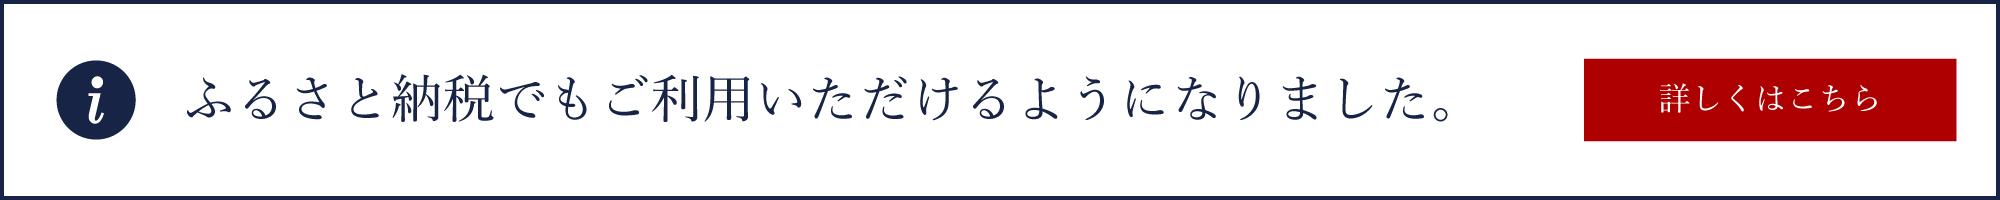 岩手県一関市 ふるさと納税 京屋染物店